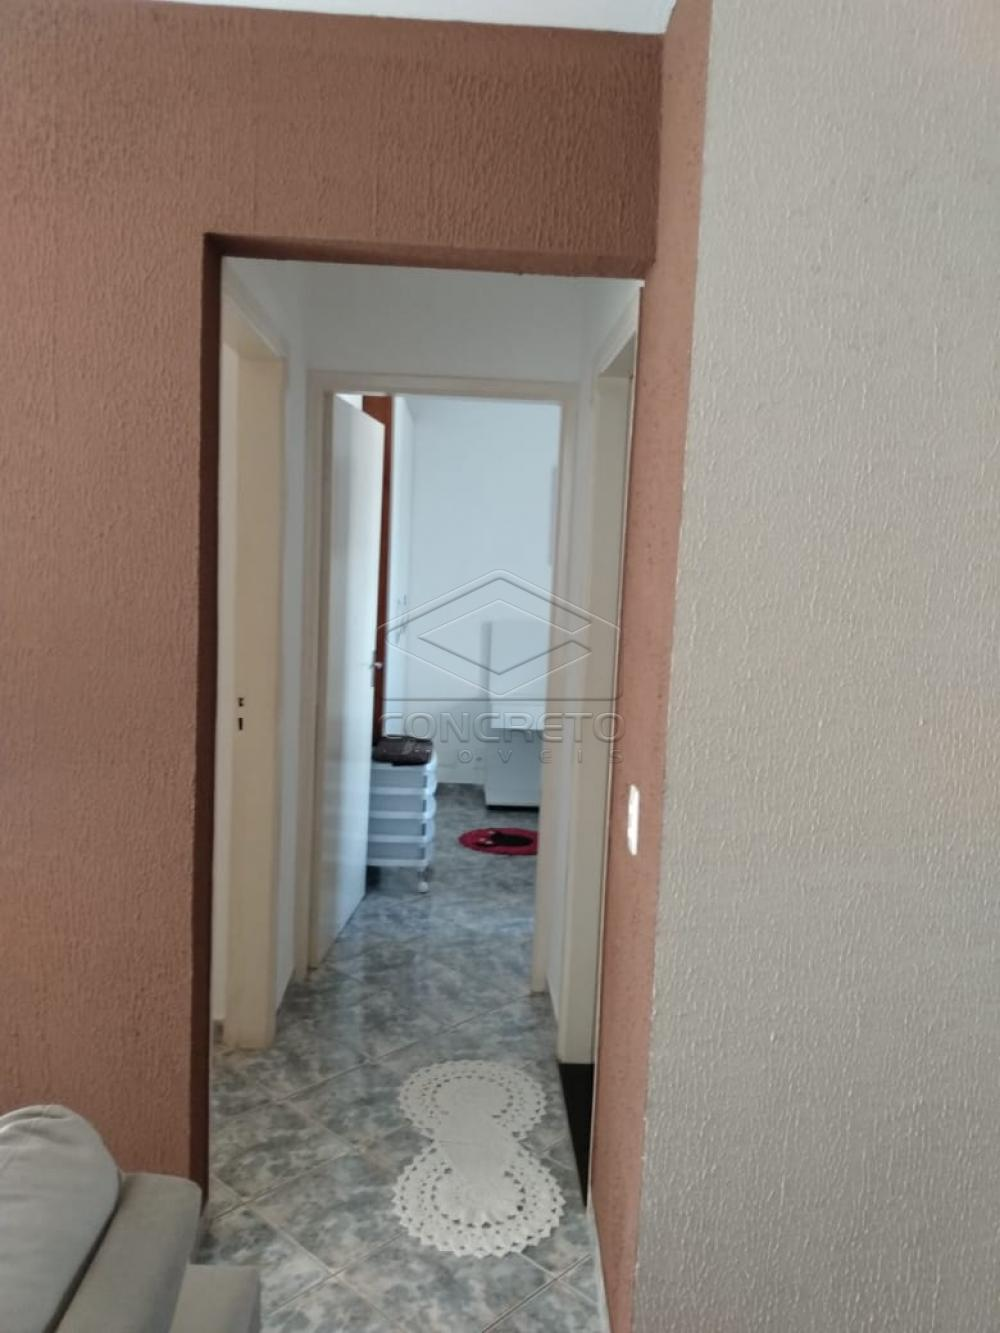 Comprar Apartamento / Padrão em Bauru R$ 220.000,00 - Foto 15